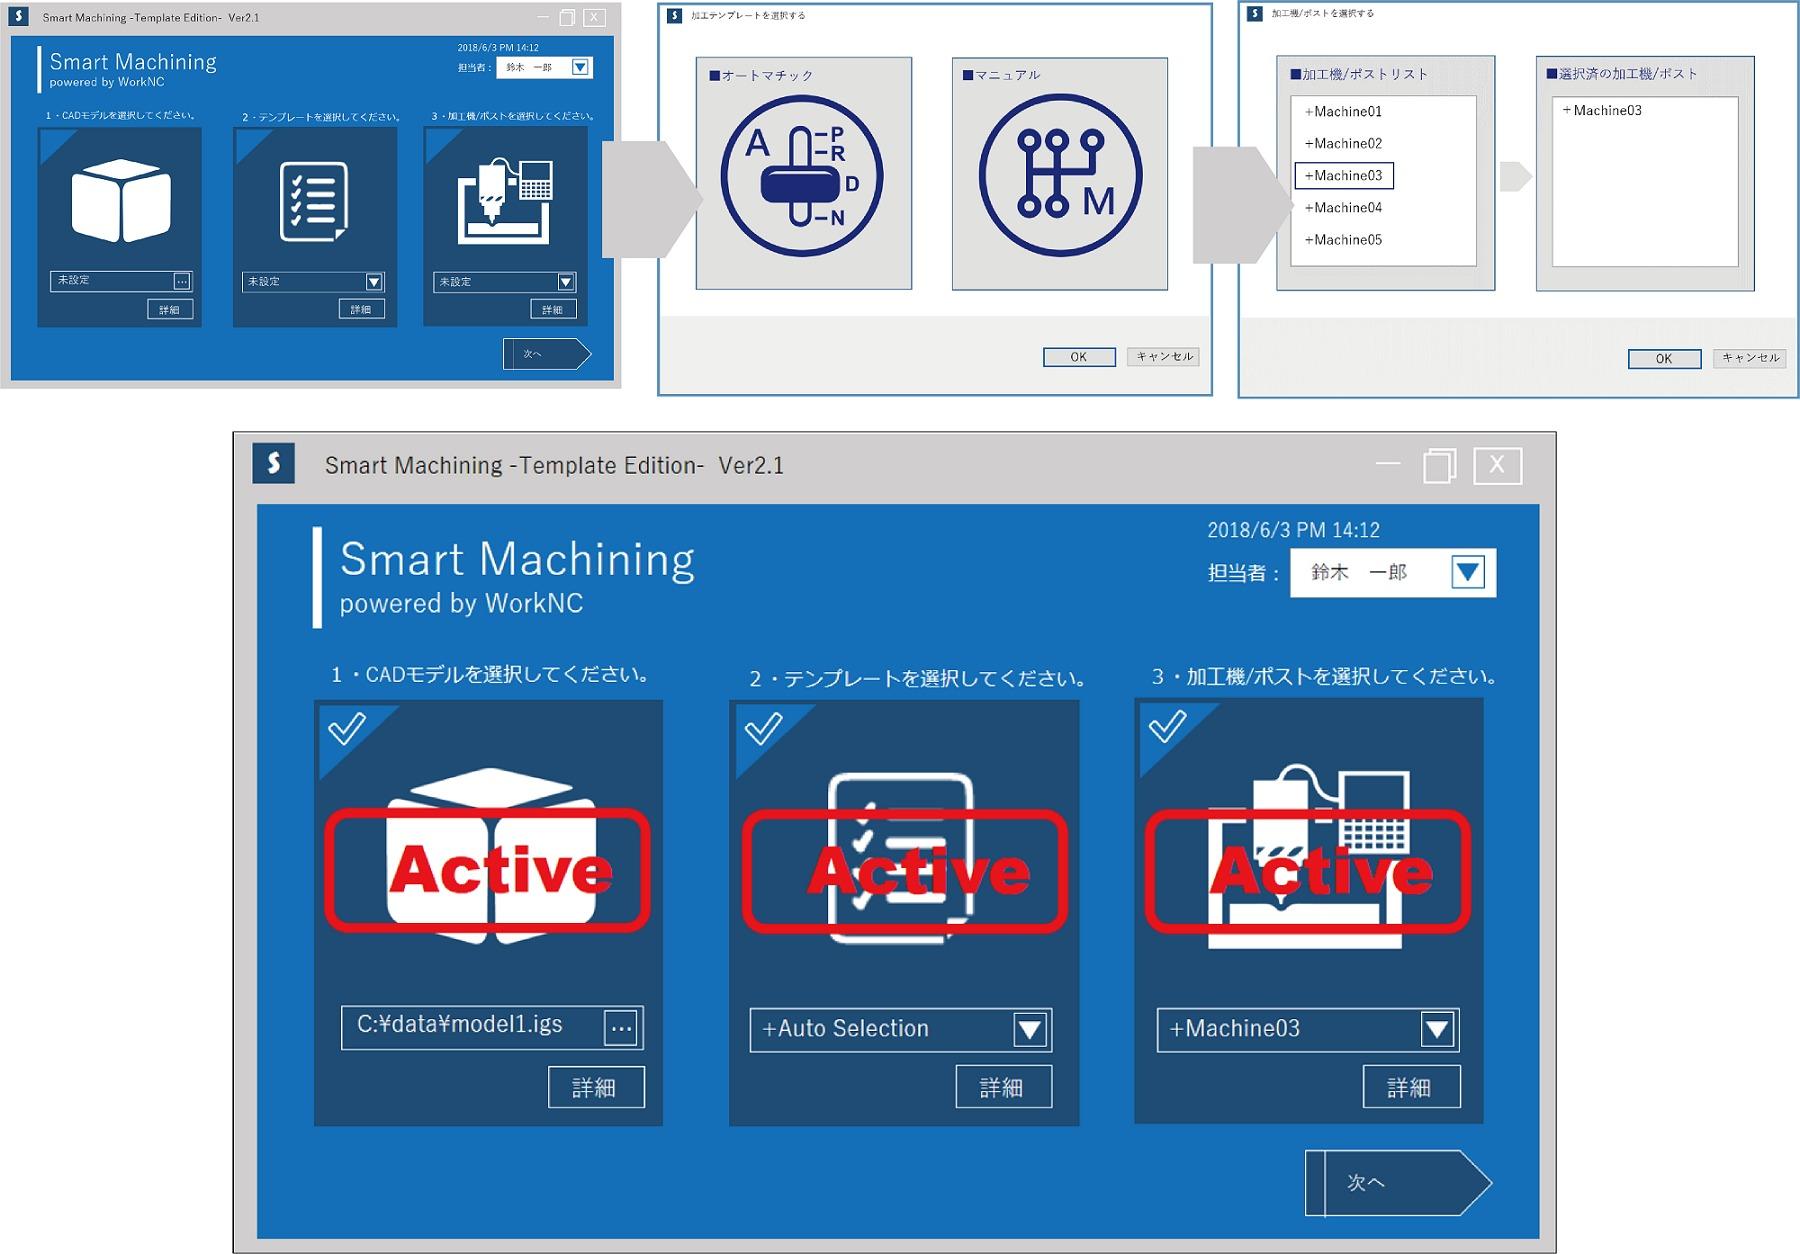 スマート・マシニング オペレーションイメージ